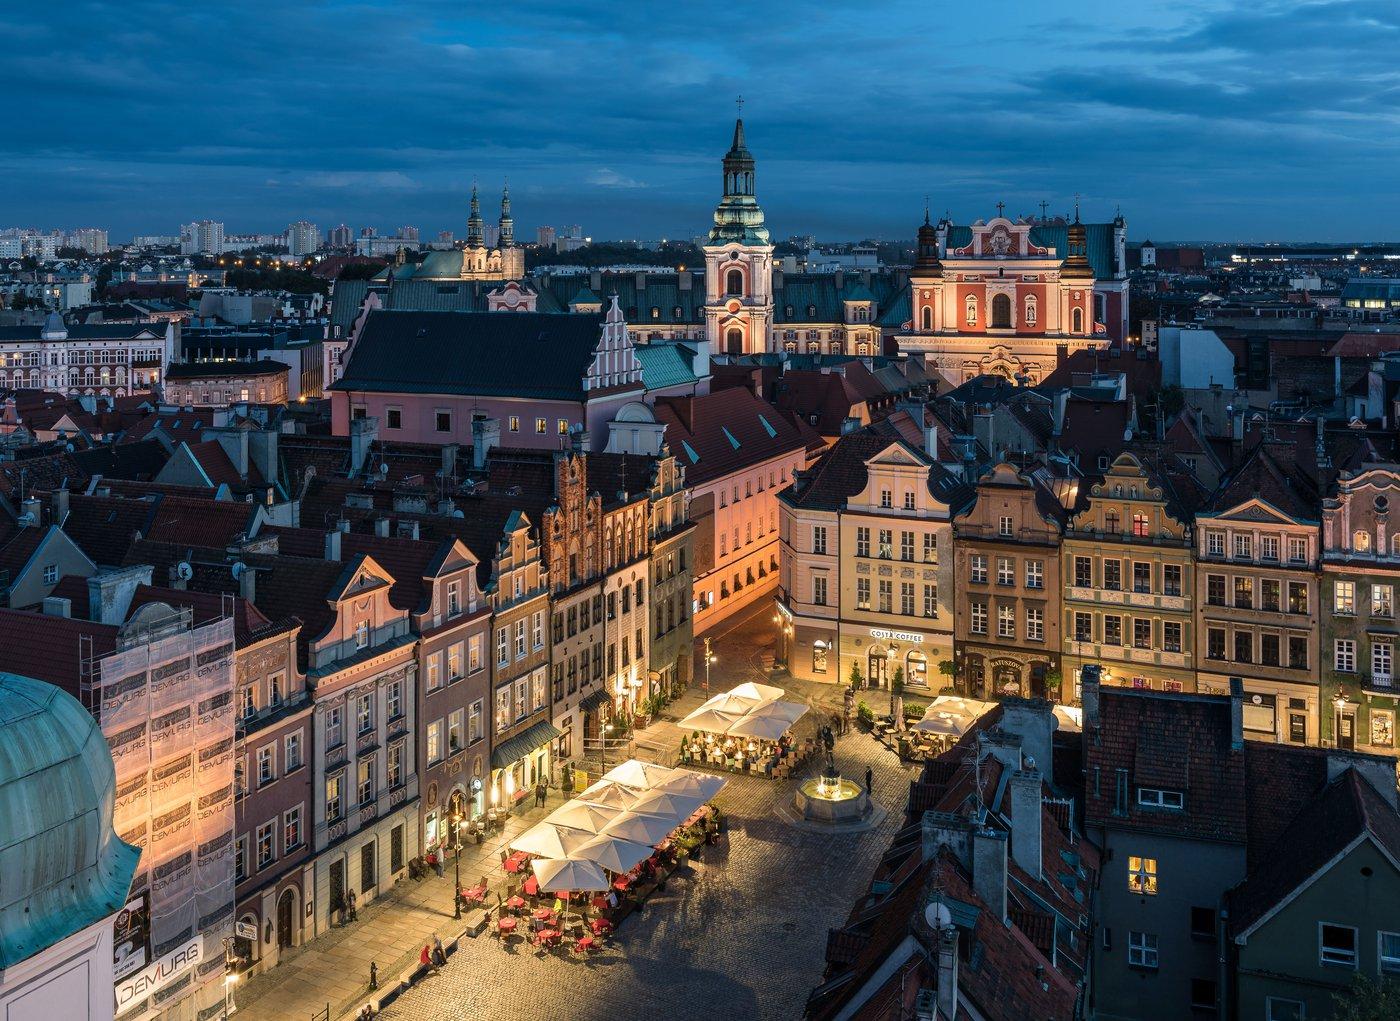 City of Poznan